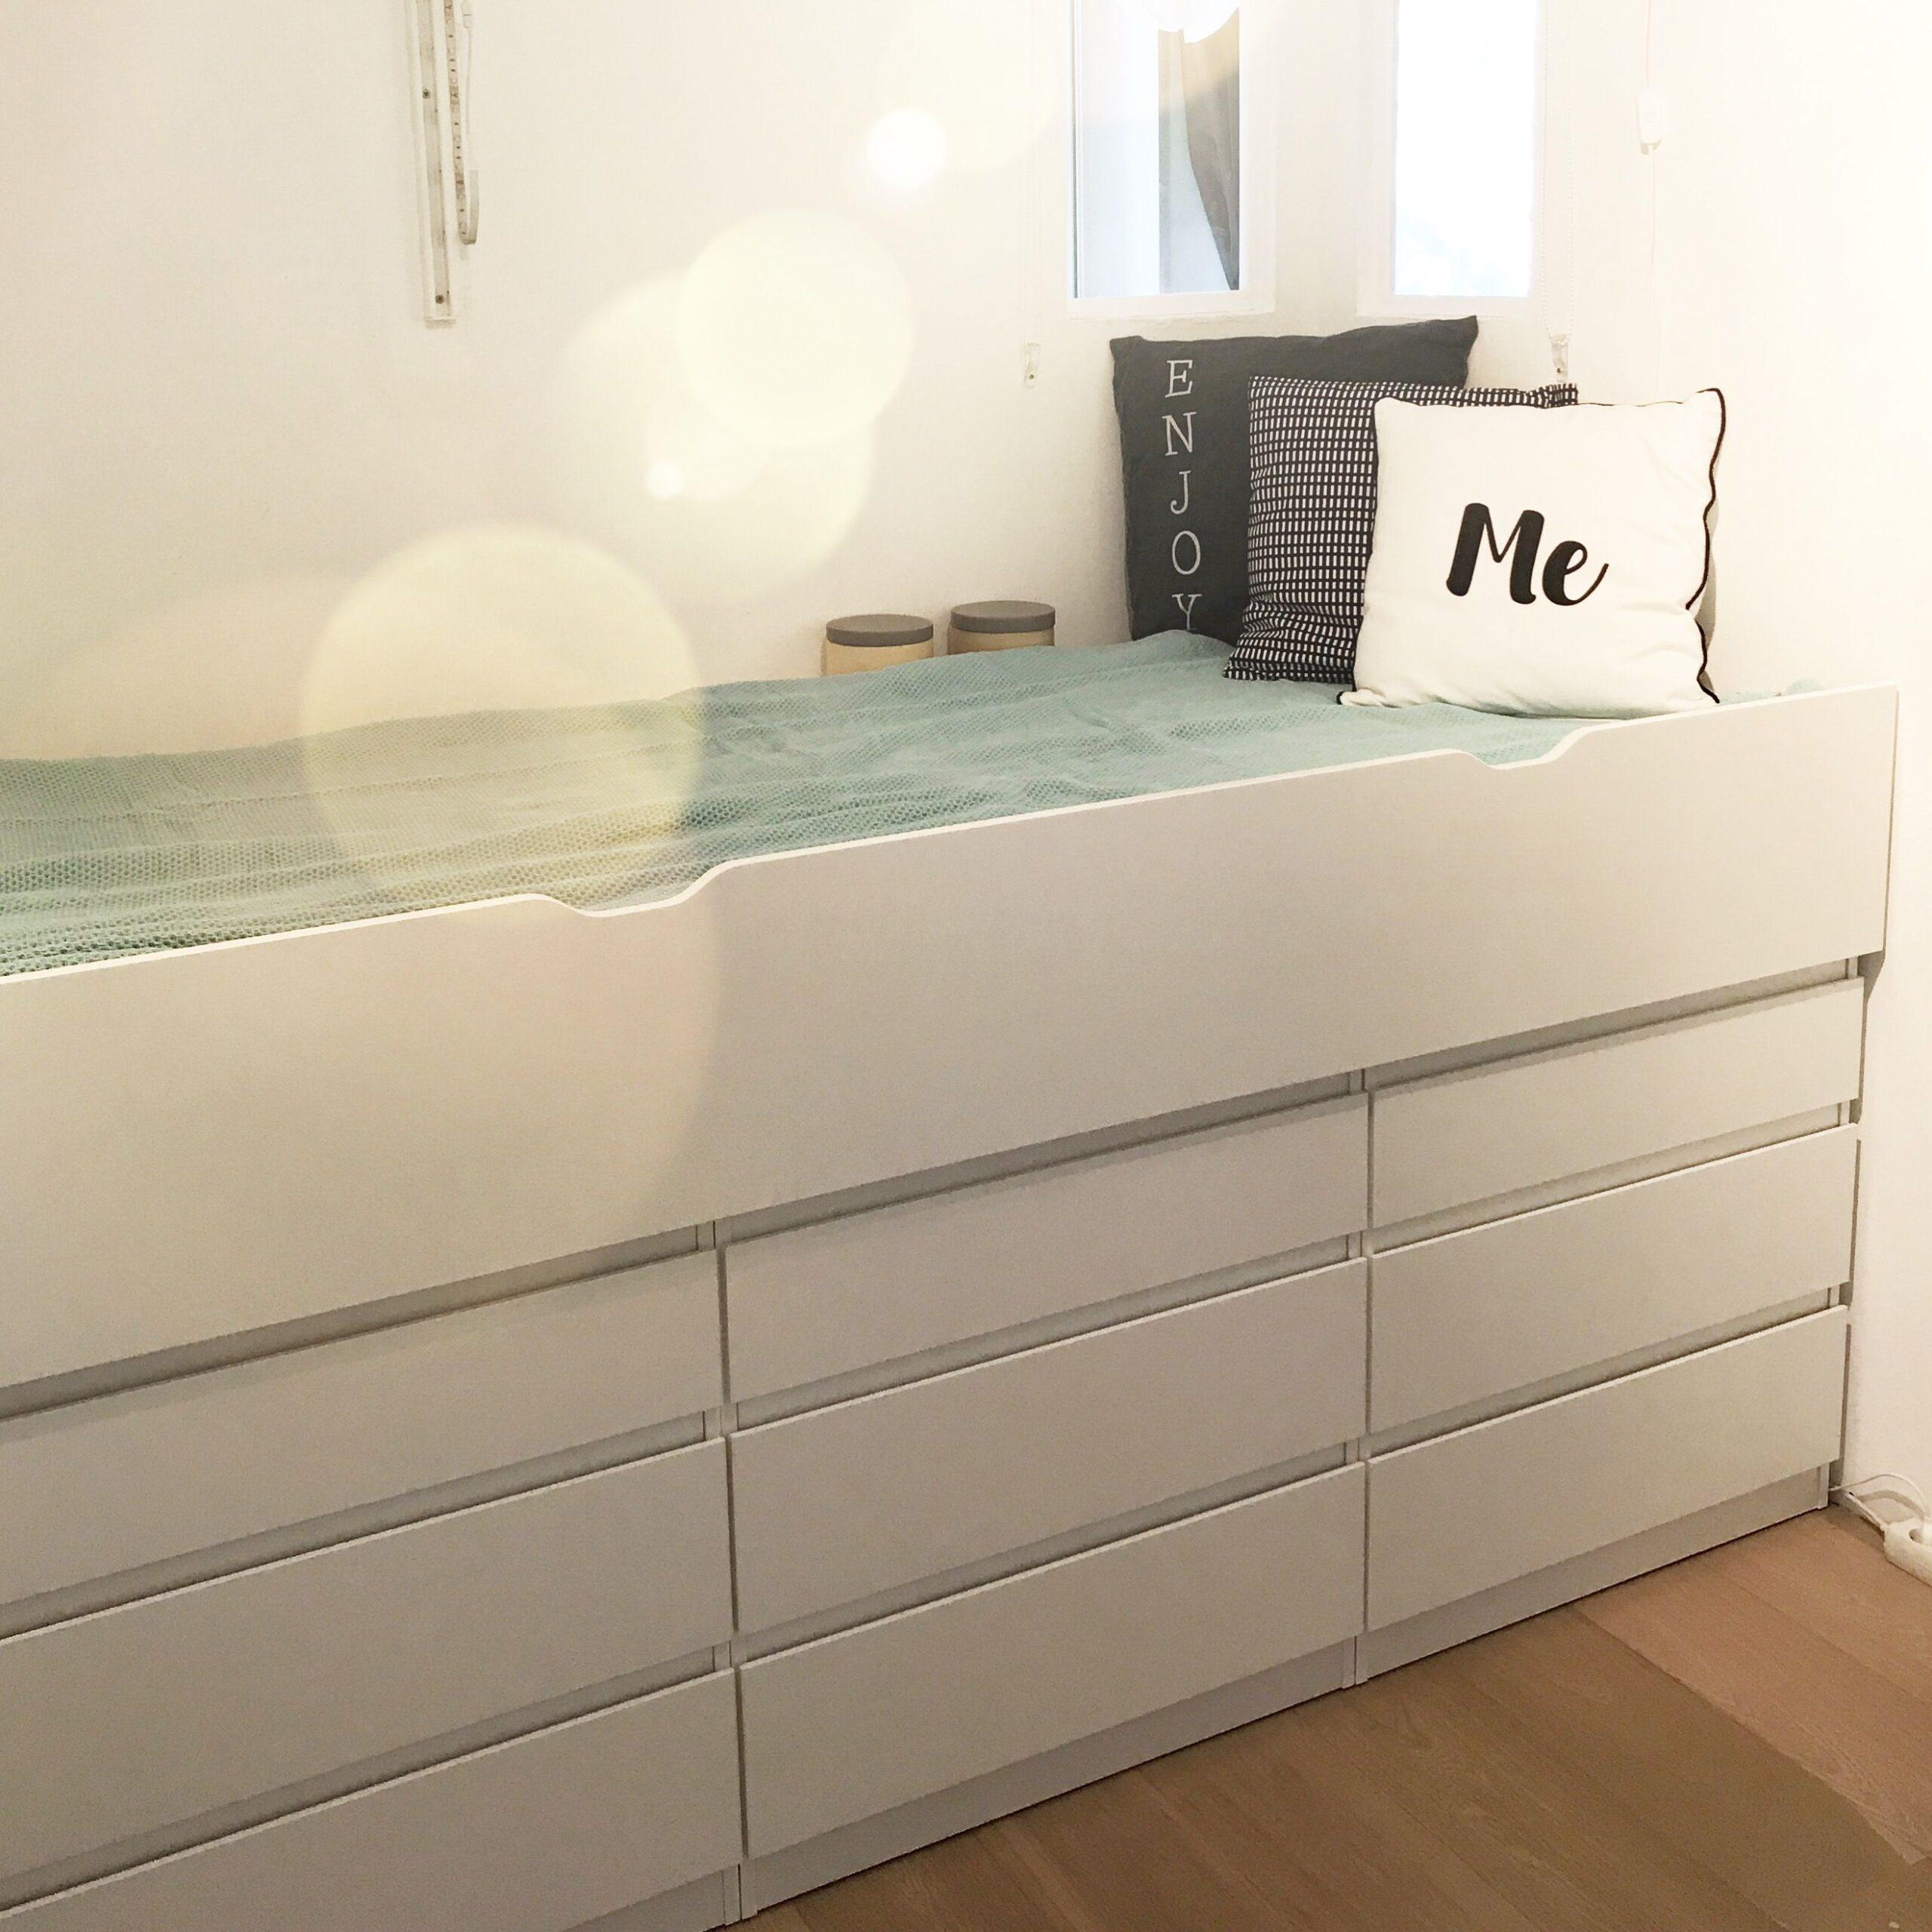 Full Size of Ikea Hack Made By Kreativkfer 3 Kullen Kommoden Schranksysteme Schlafzimmer Bett Im Schrank Wohnzimmer Schrankwand Küche Hängeschrank Höhe Kosten Eckschrank Wohnzimmer Schrank Dachschräge Hinten Ikea